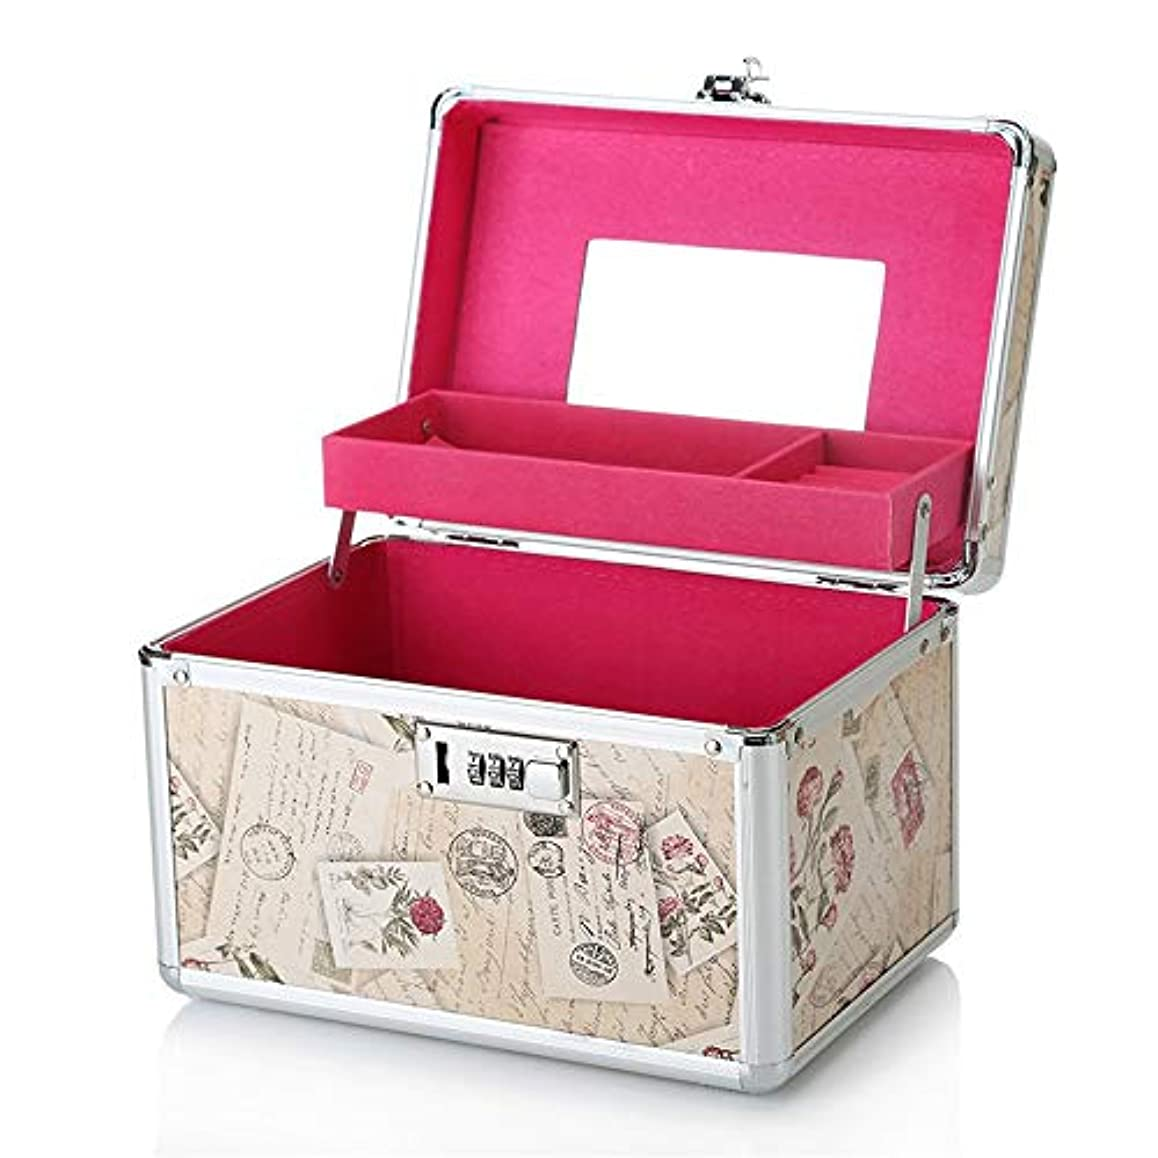 百万決済縫い目化粧オーガナイザーバッグ 旅行のメイクアップバッグメイク化粧品バッグトイレタリー化粧ケース 化粧品ケース